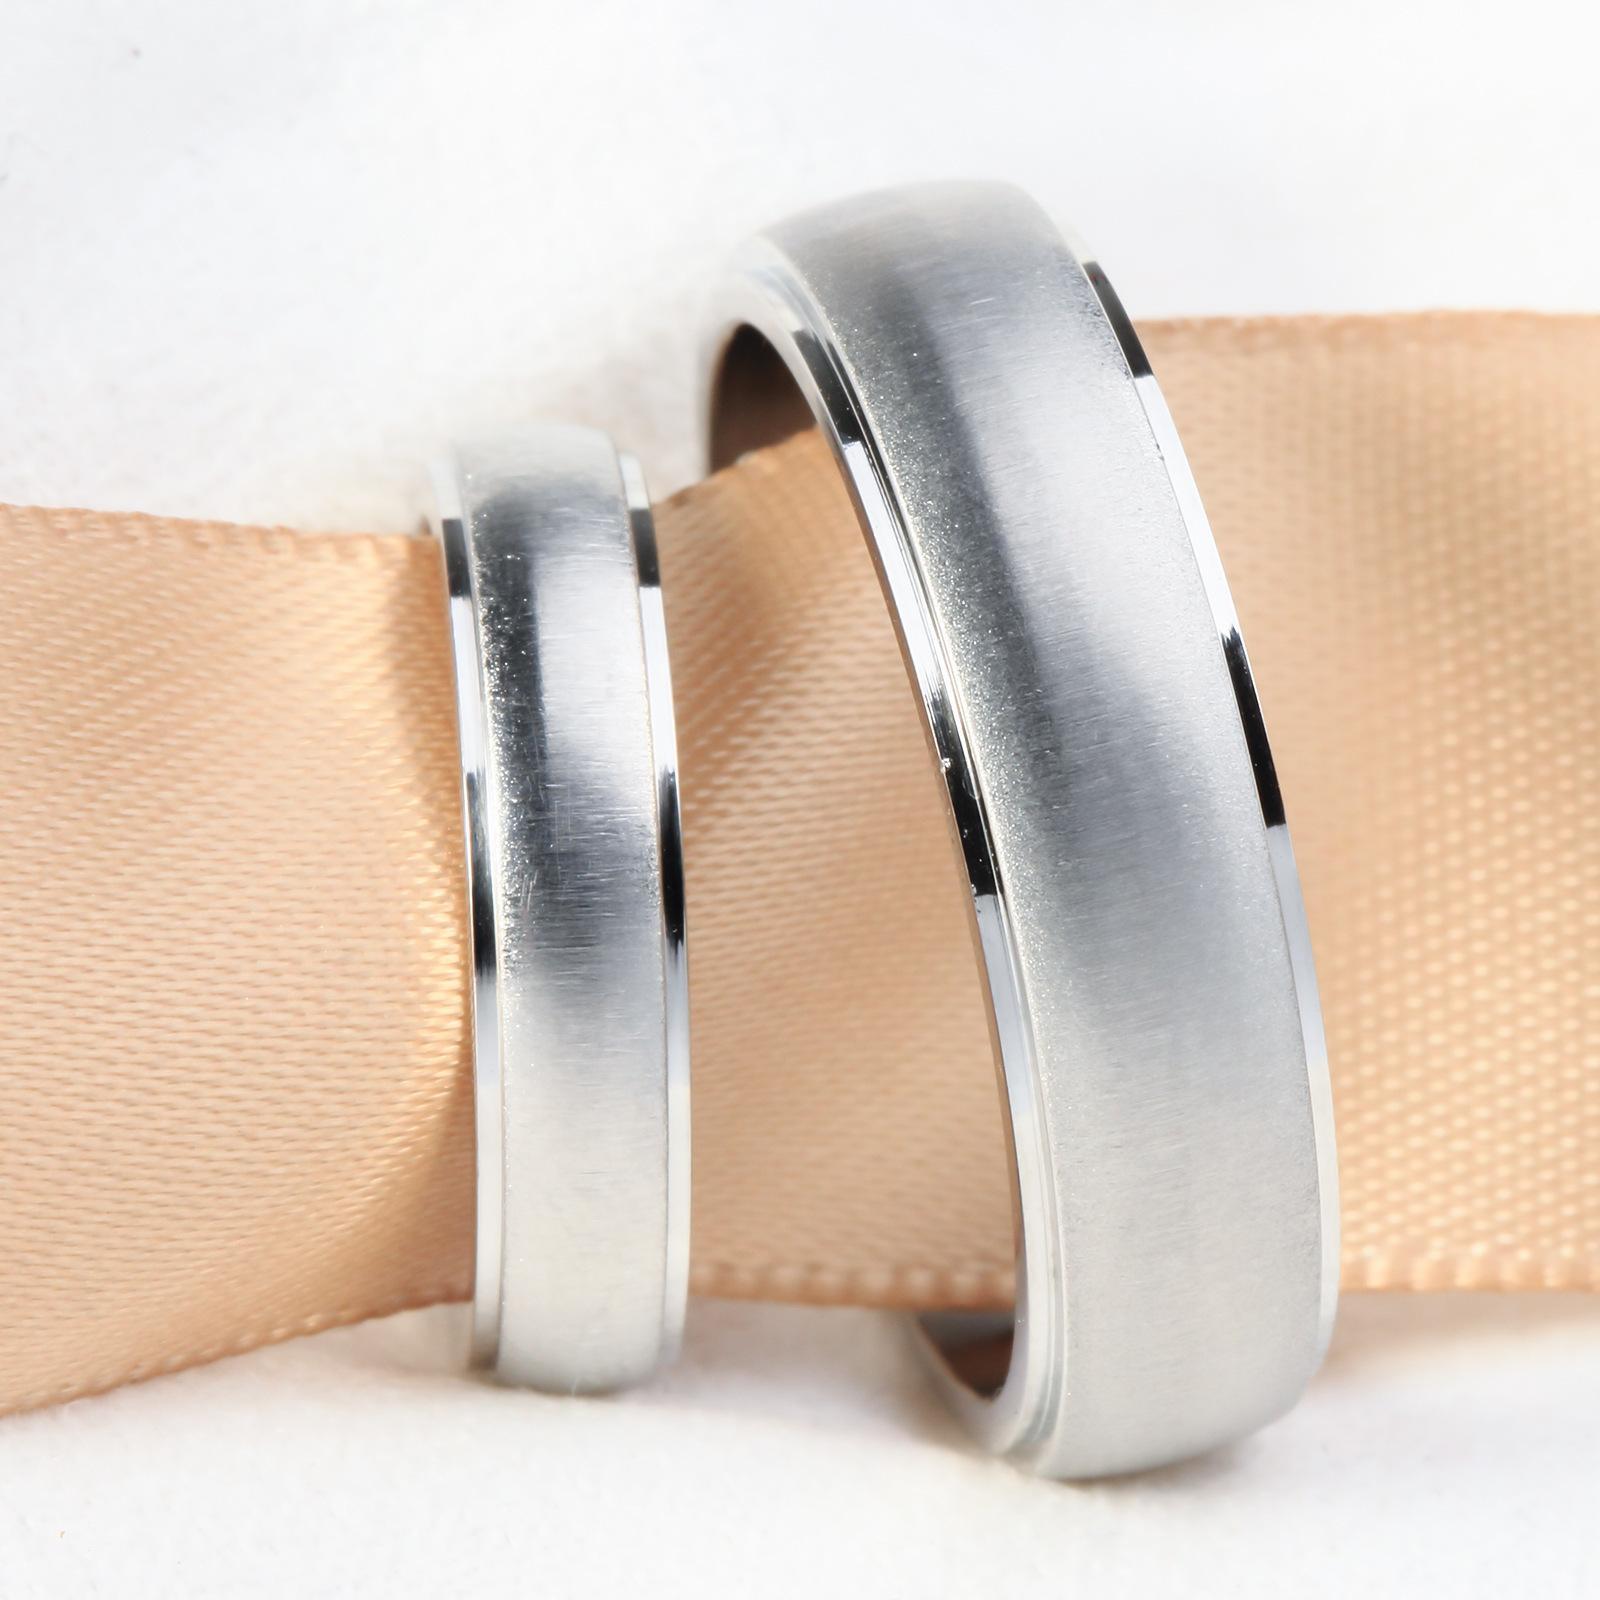 Accesorios de par inoxidable accesorios simple dibujo titanio acero pareja anillo ru0013